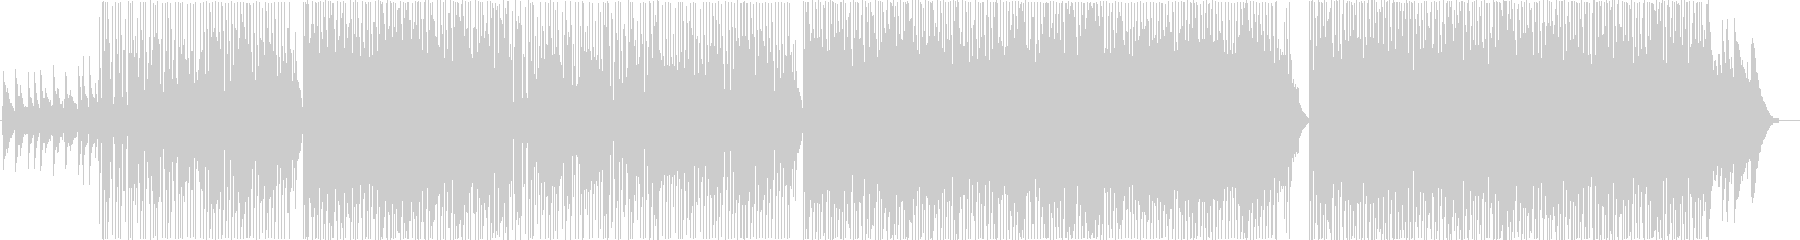 ピアノとギターの感動バラードロックの未再生の波形